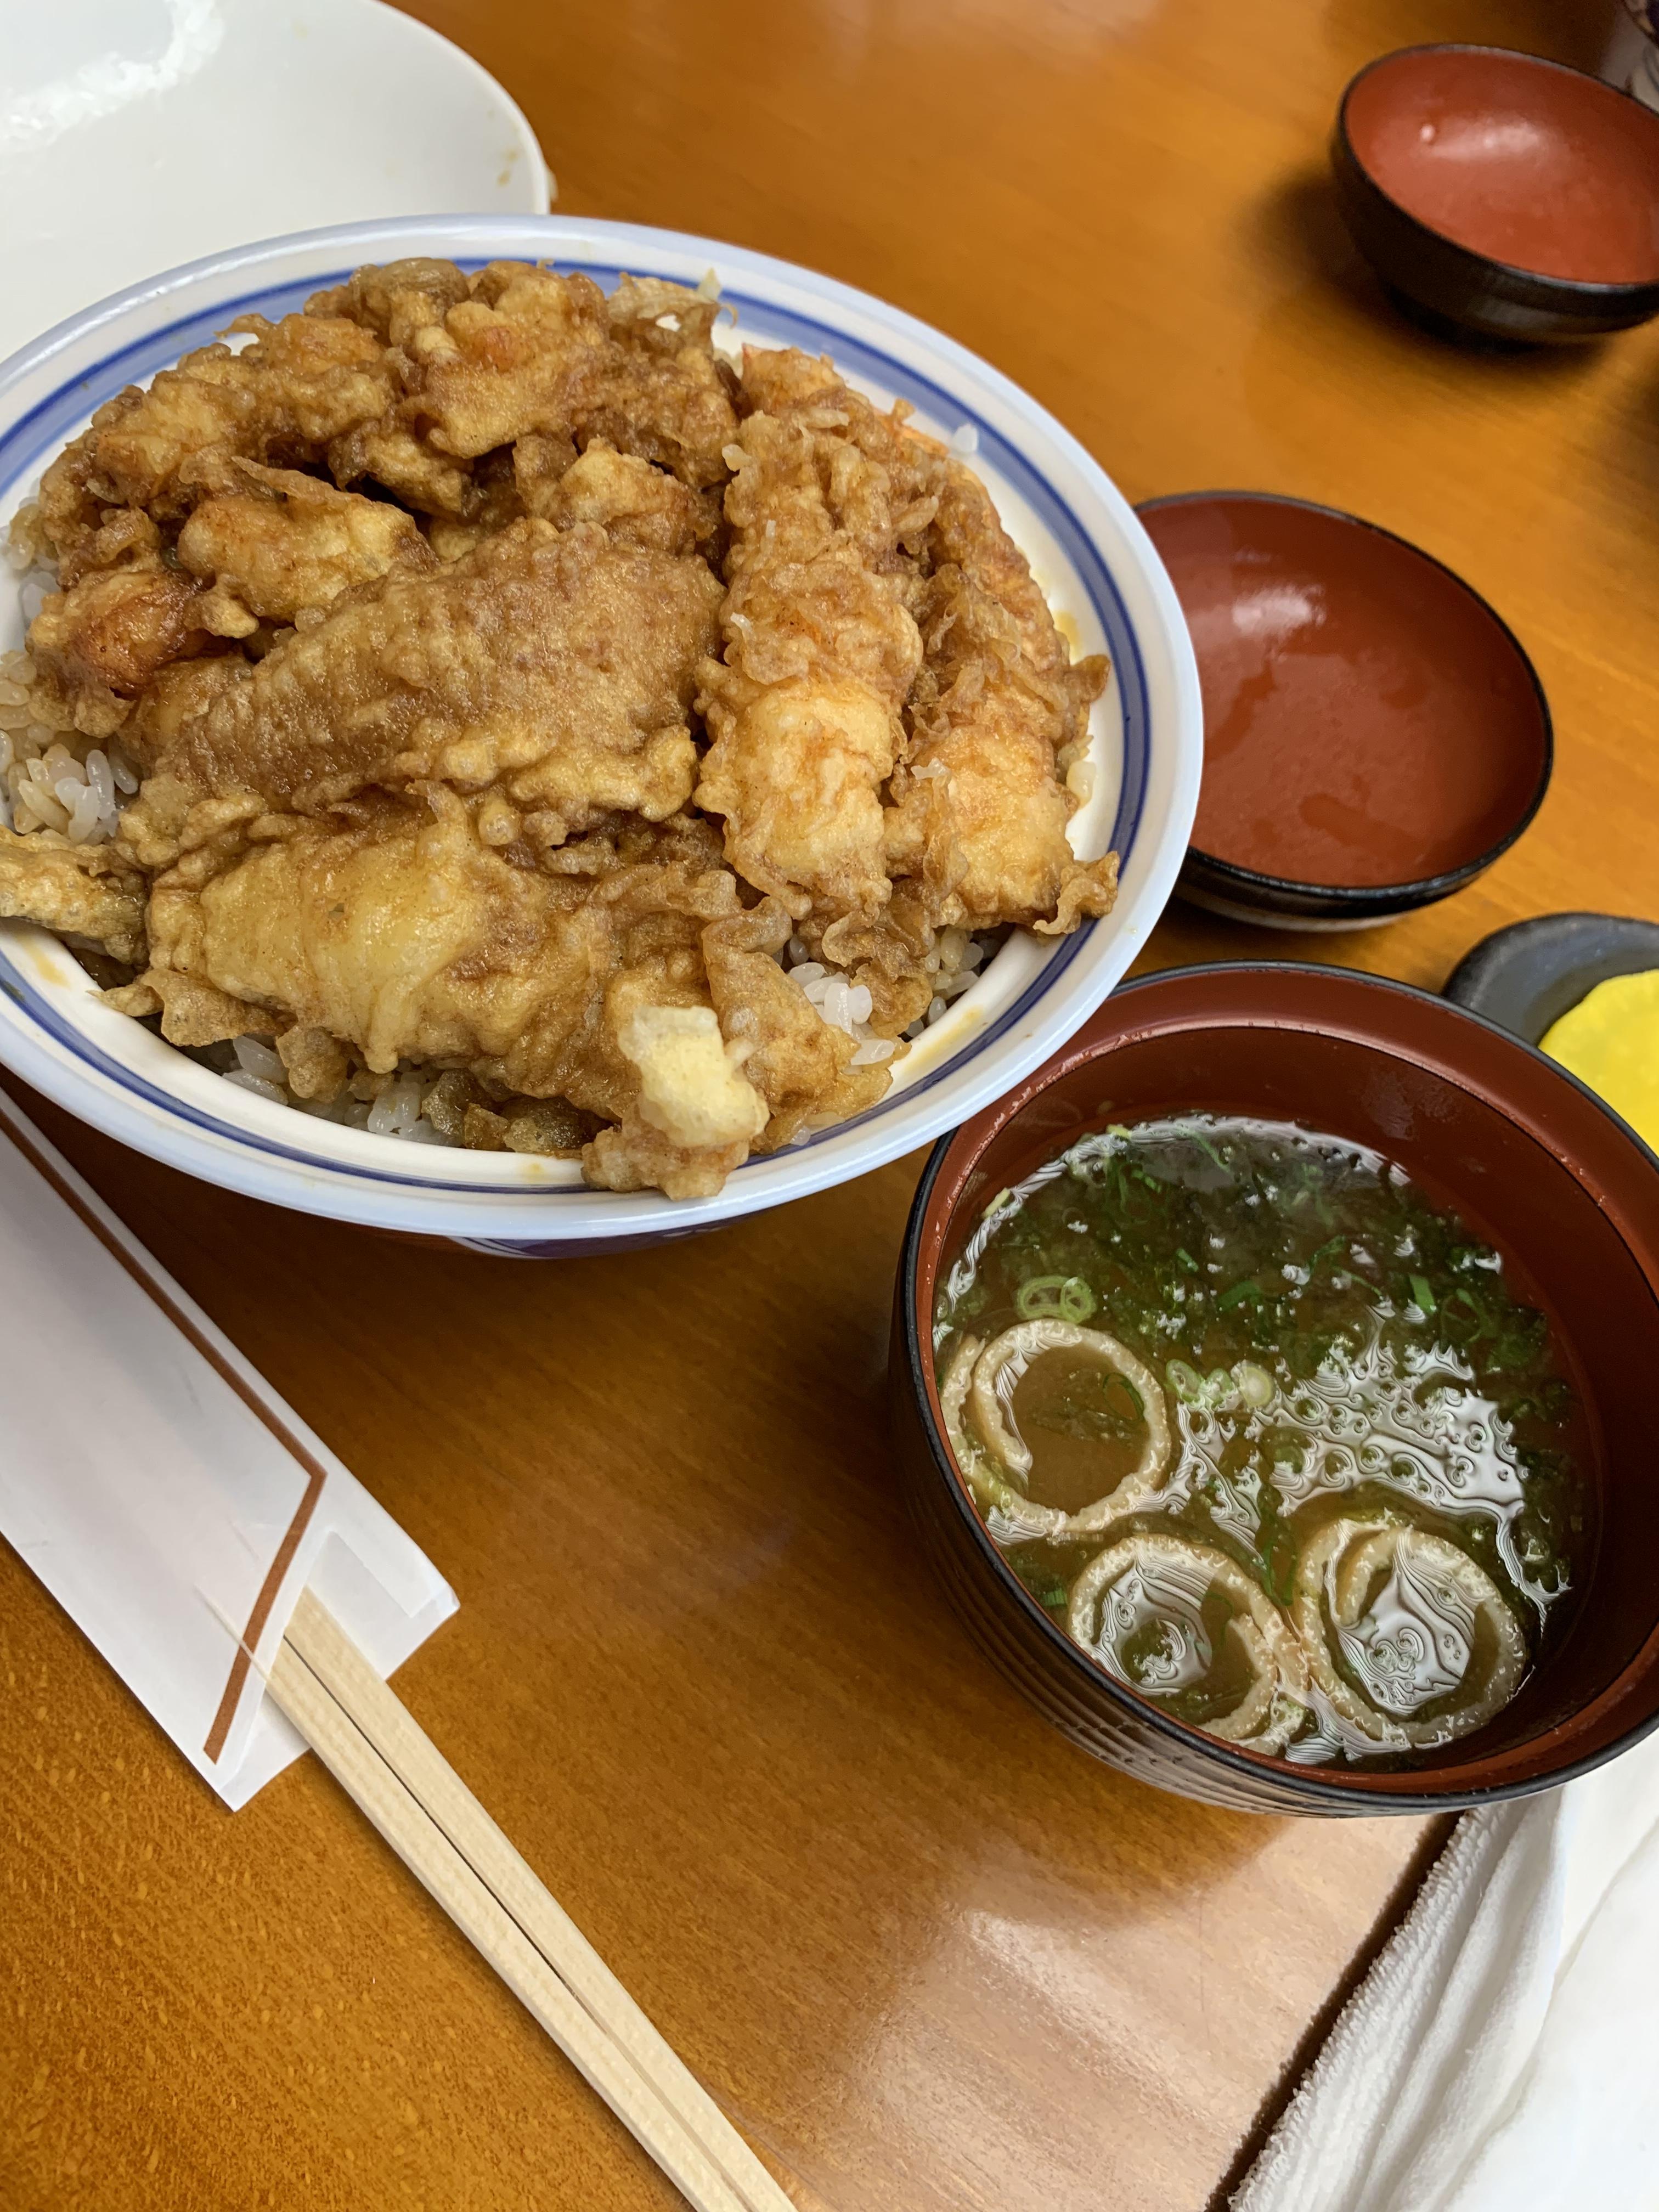 銀座 天ぷらの天國のランチ「お昼天丼 1,100円(税込)」